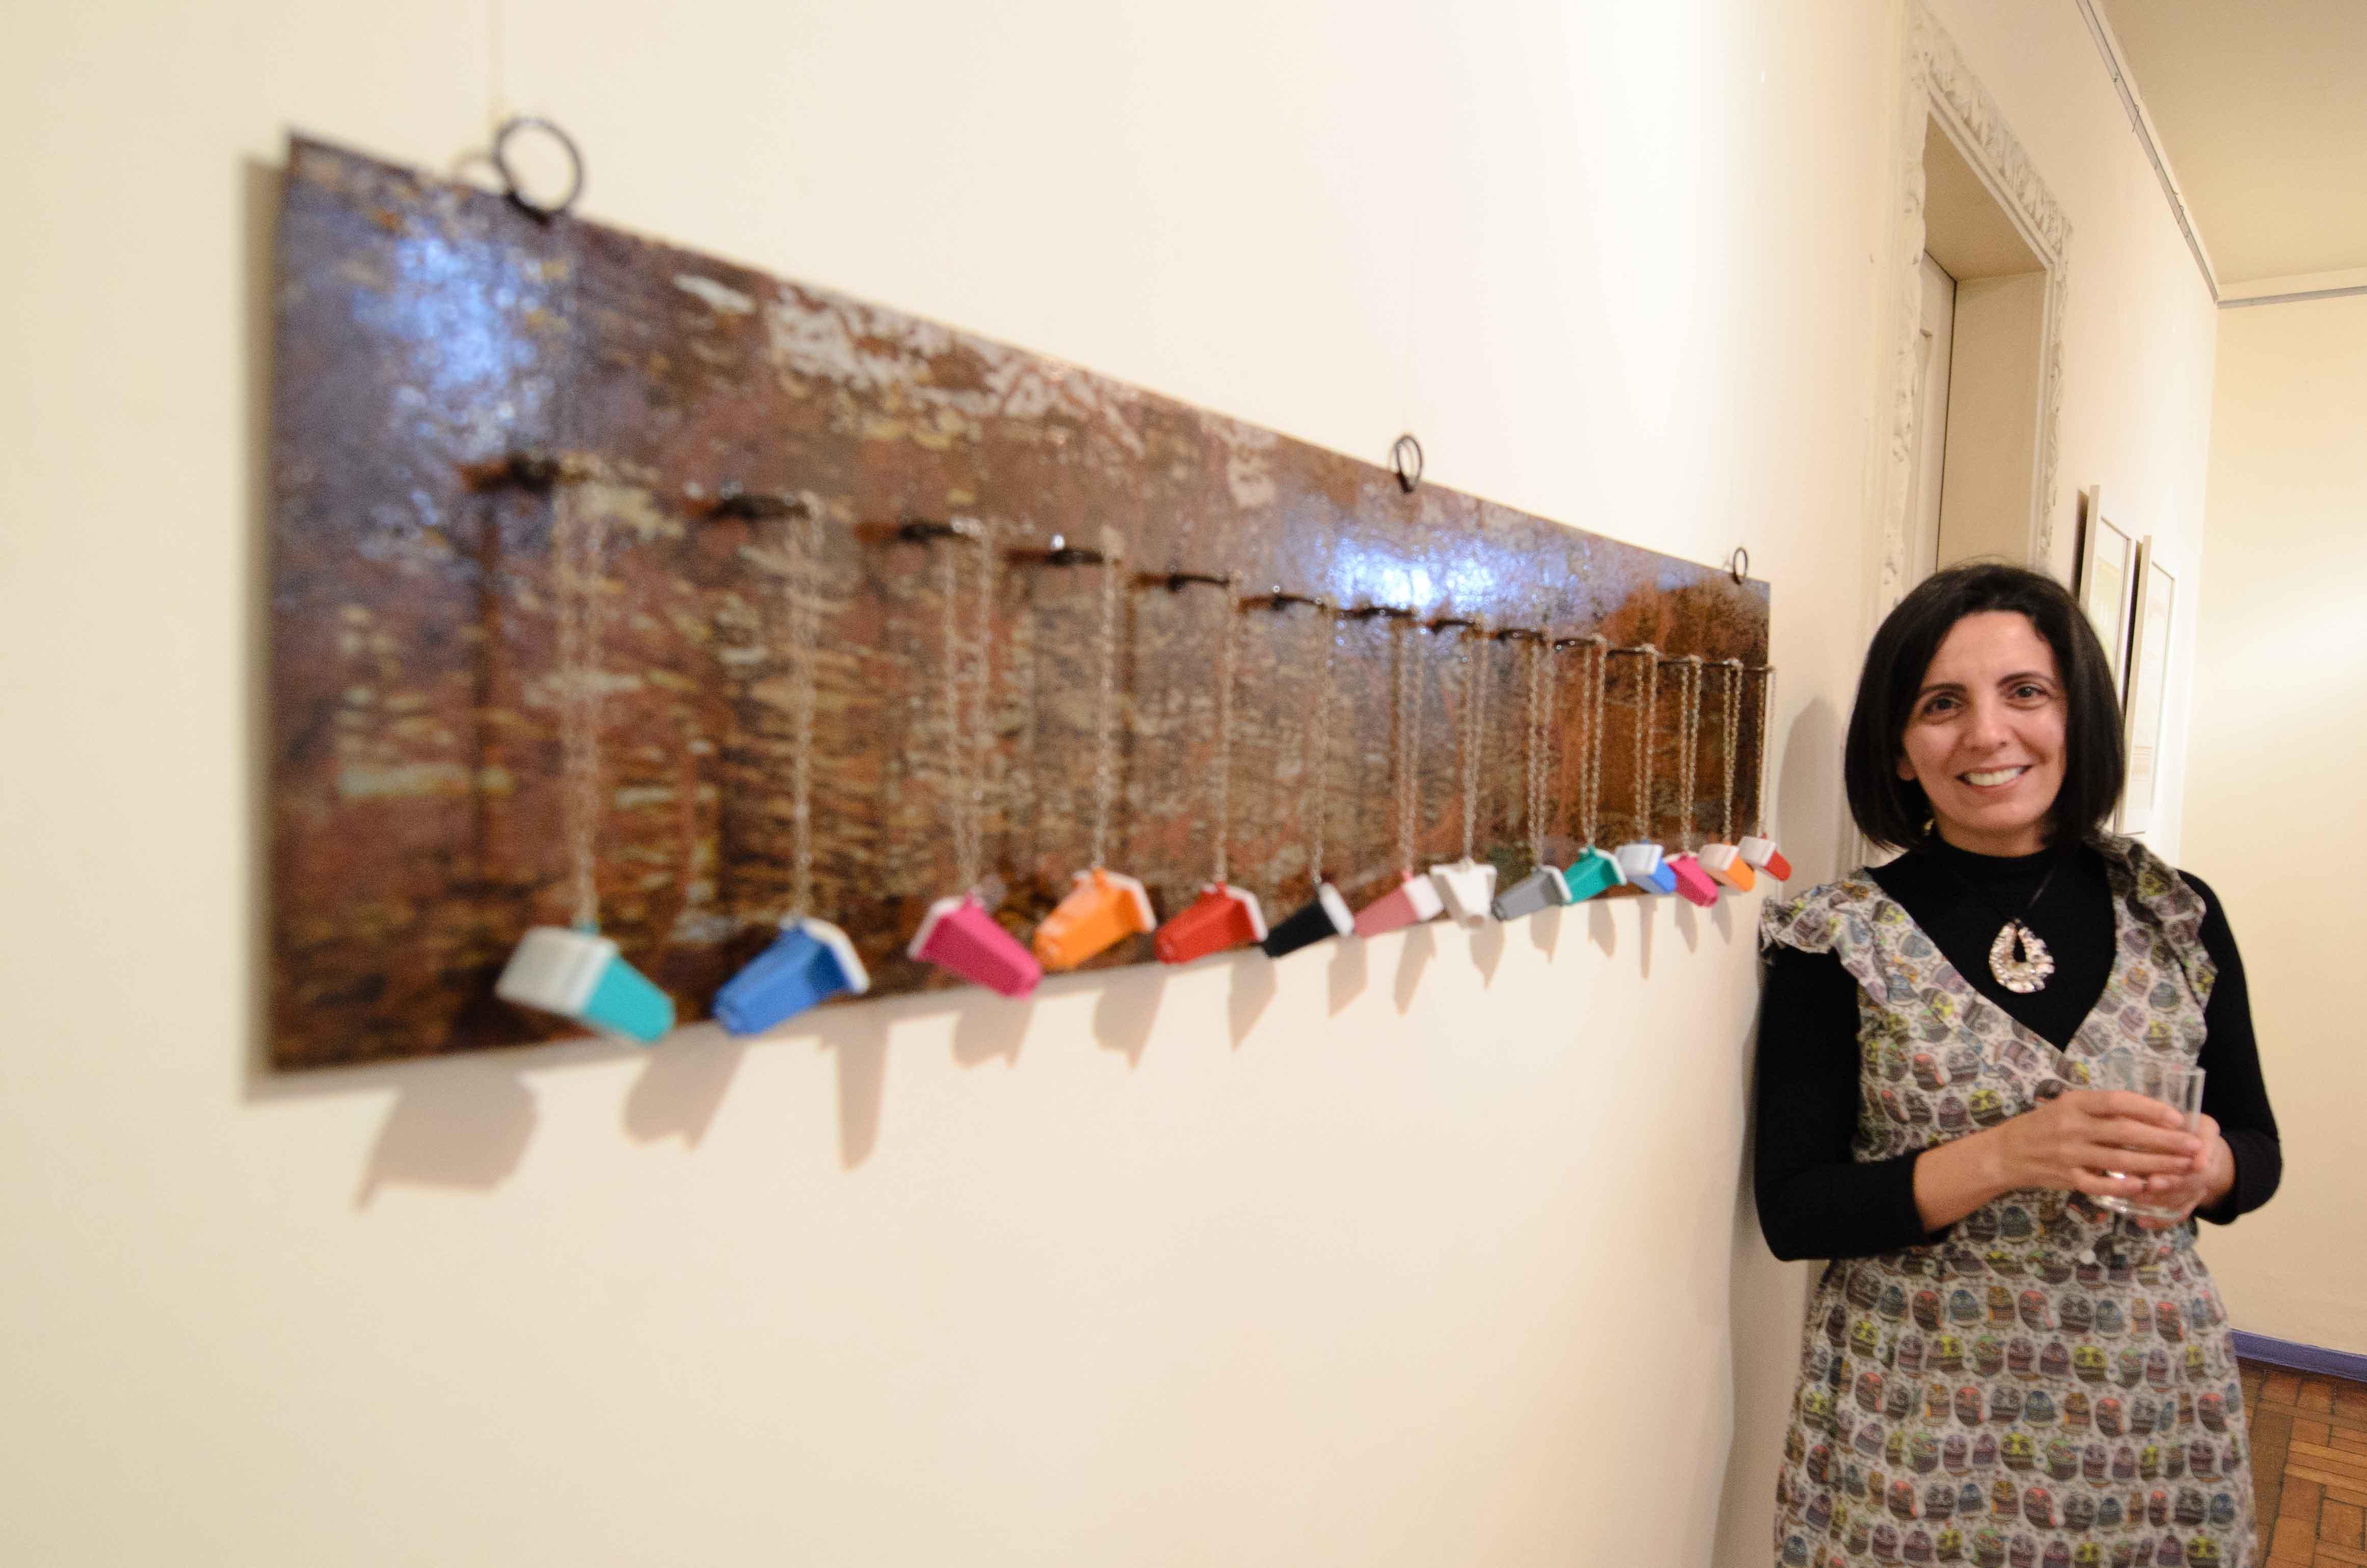 Abcdéf Galeria de Arte, BH- 2011